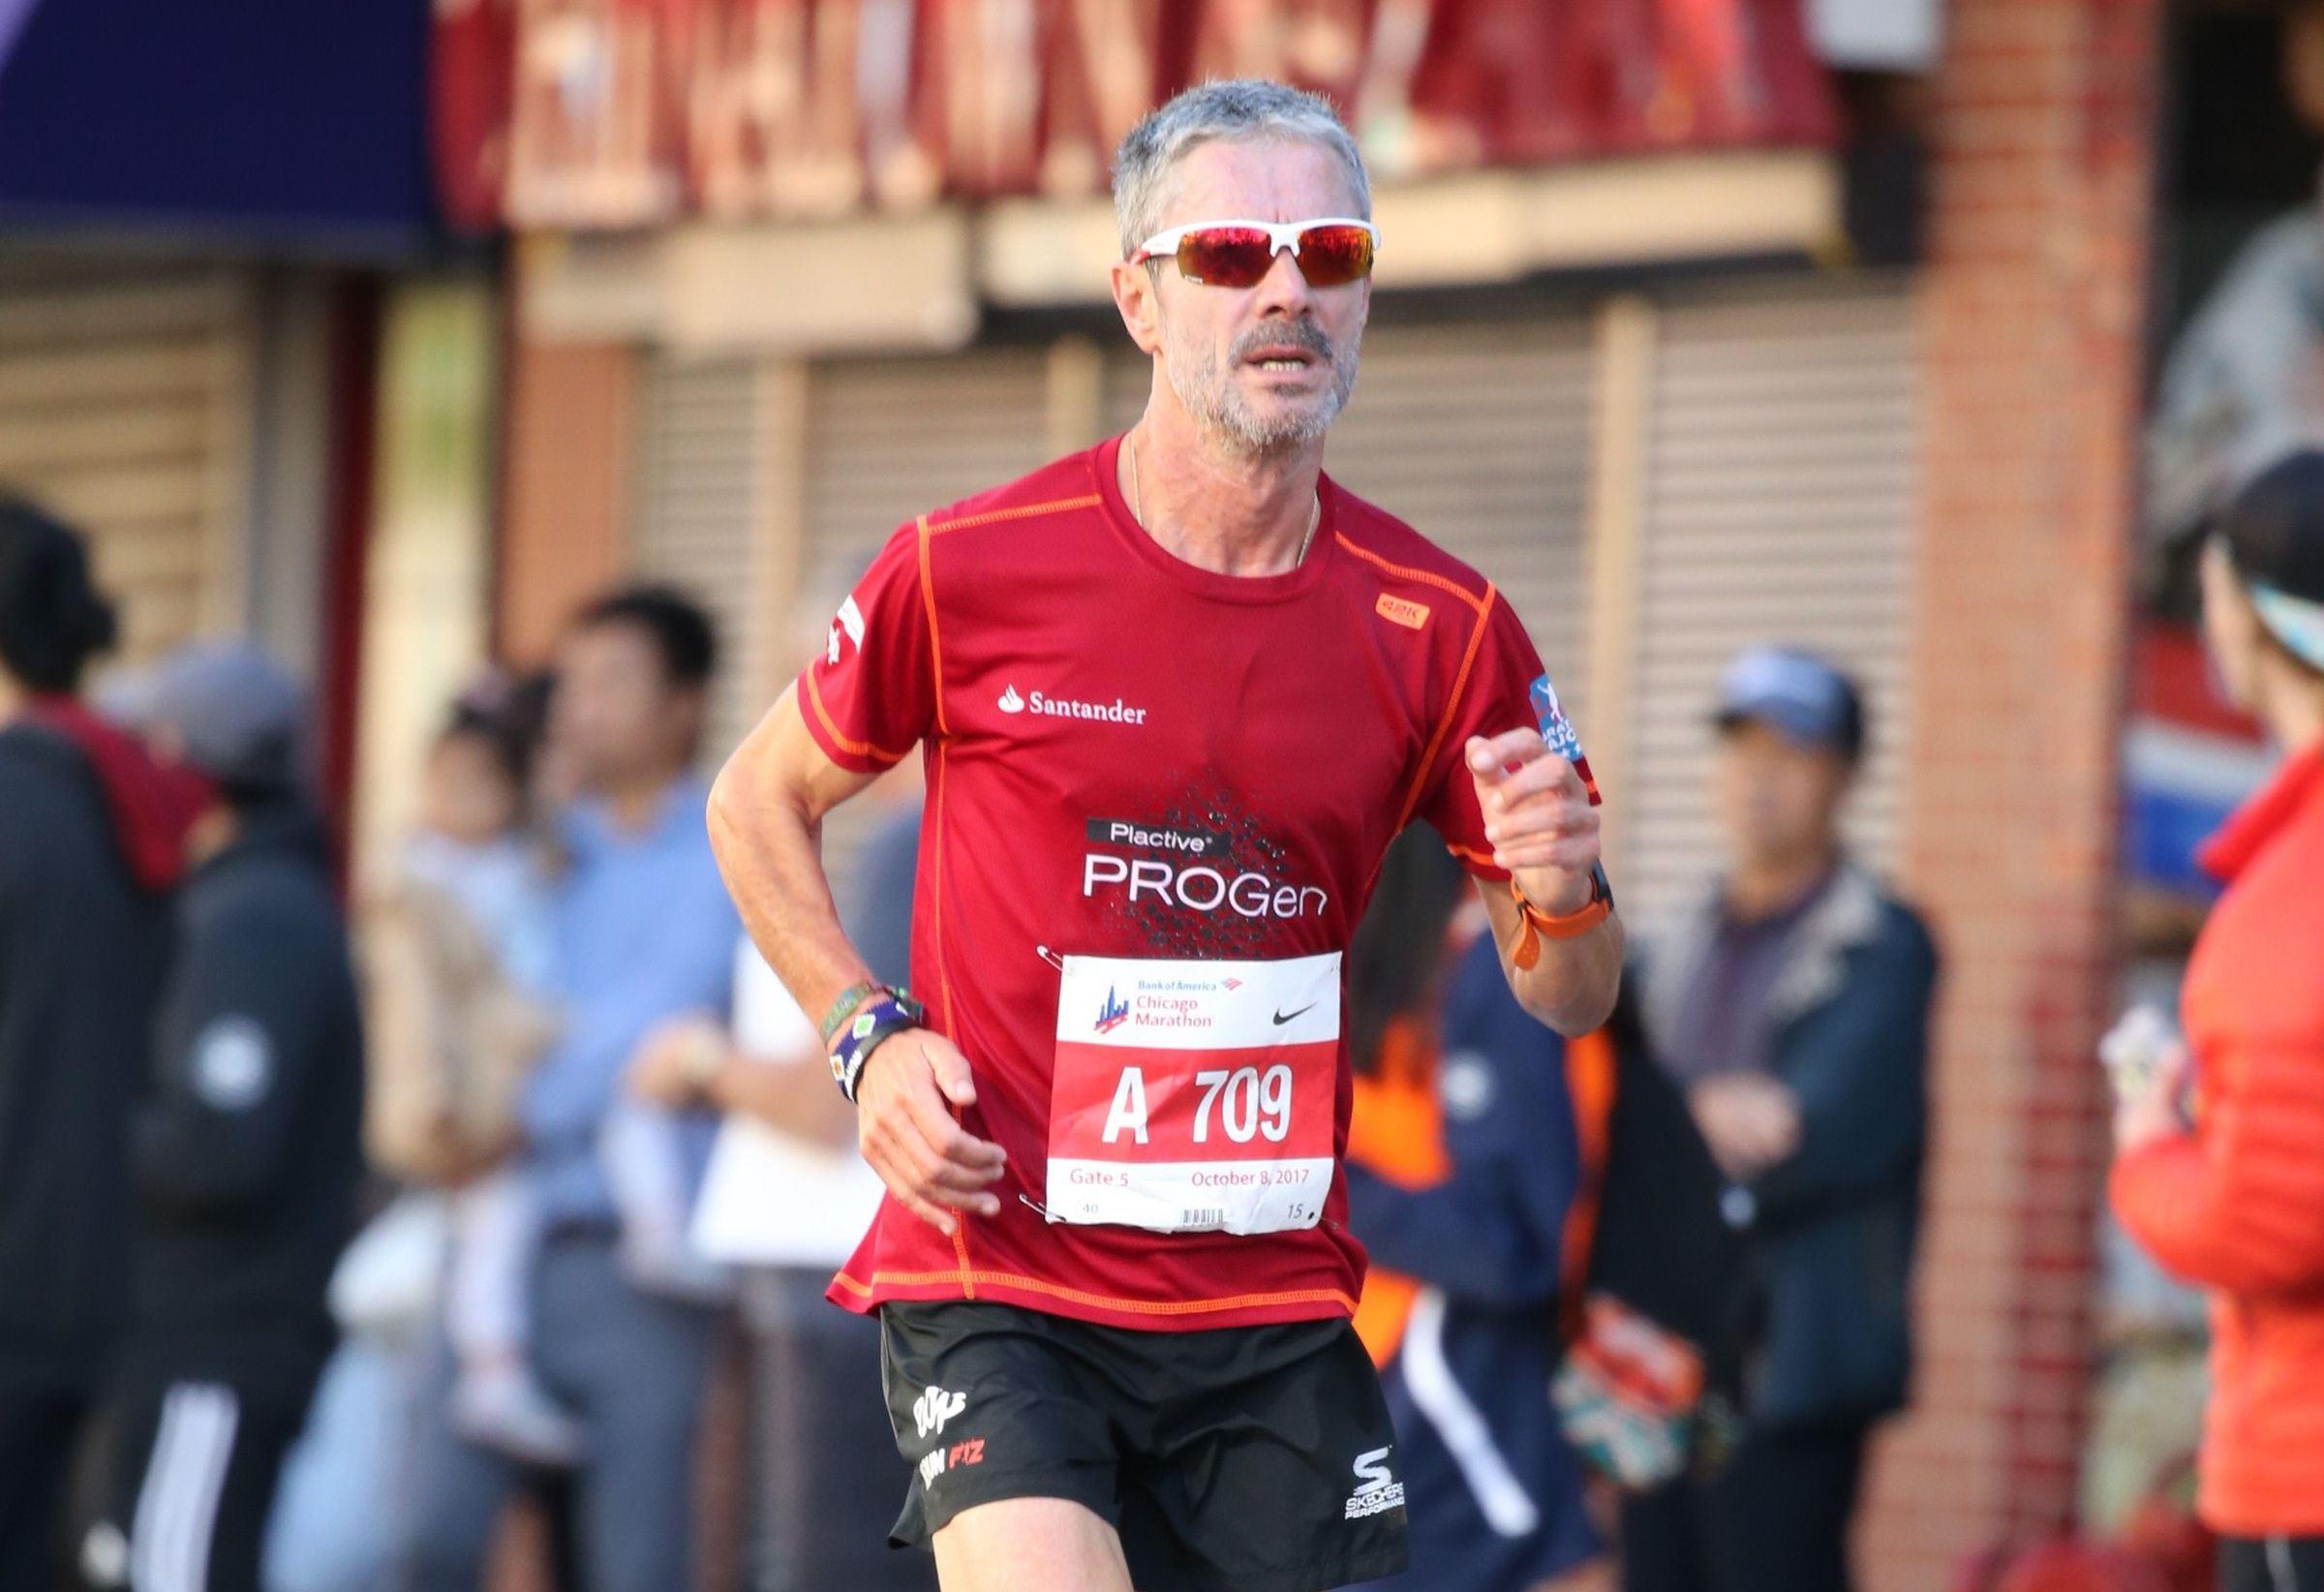 Así entrenó Martín Fiz para ganar el Maratón de Chicago